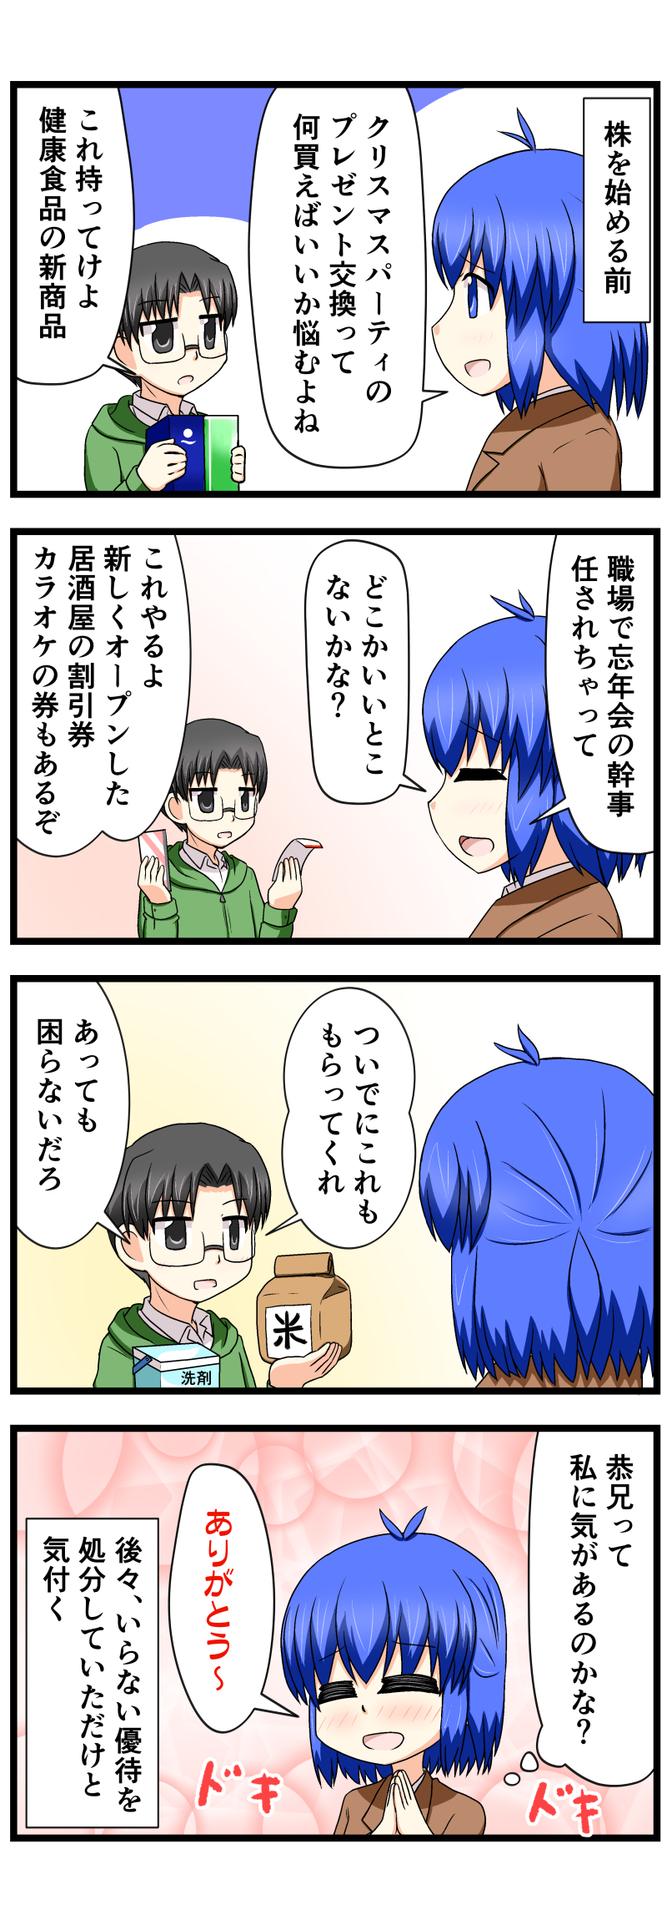 萌える株セミナー54.jpg